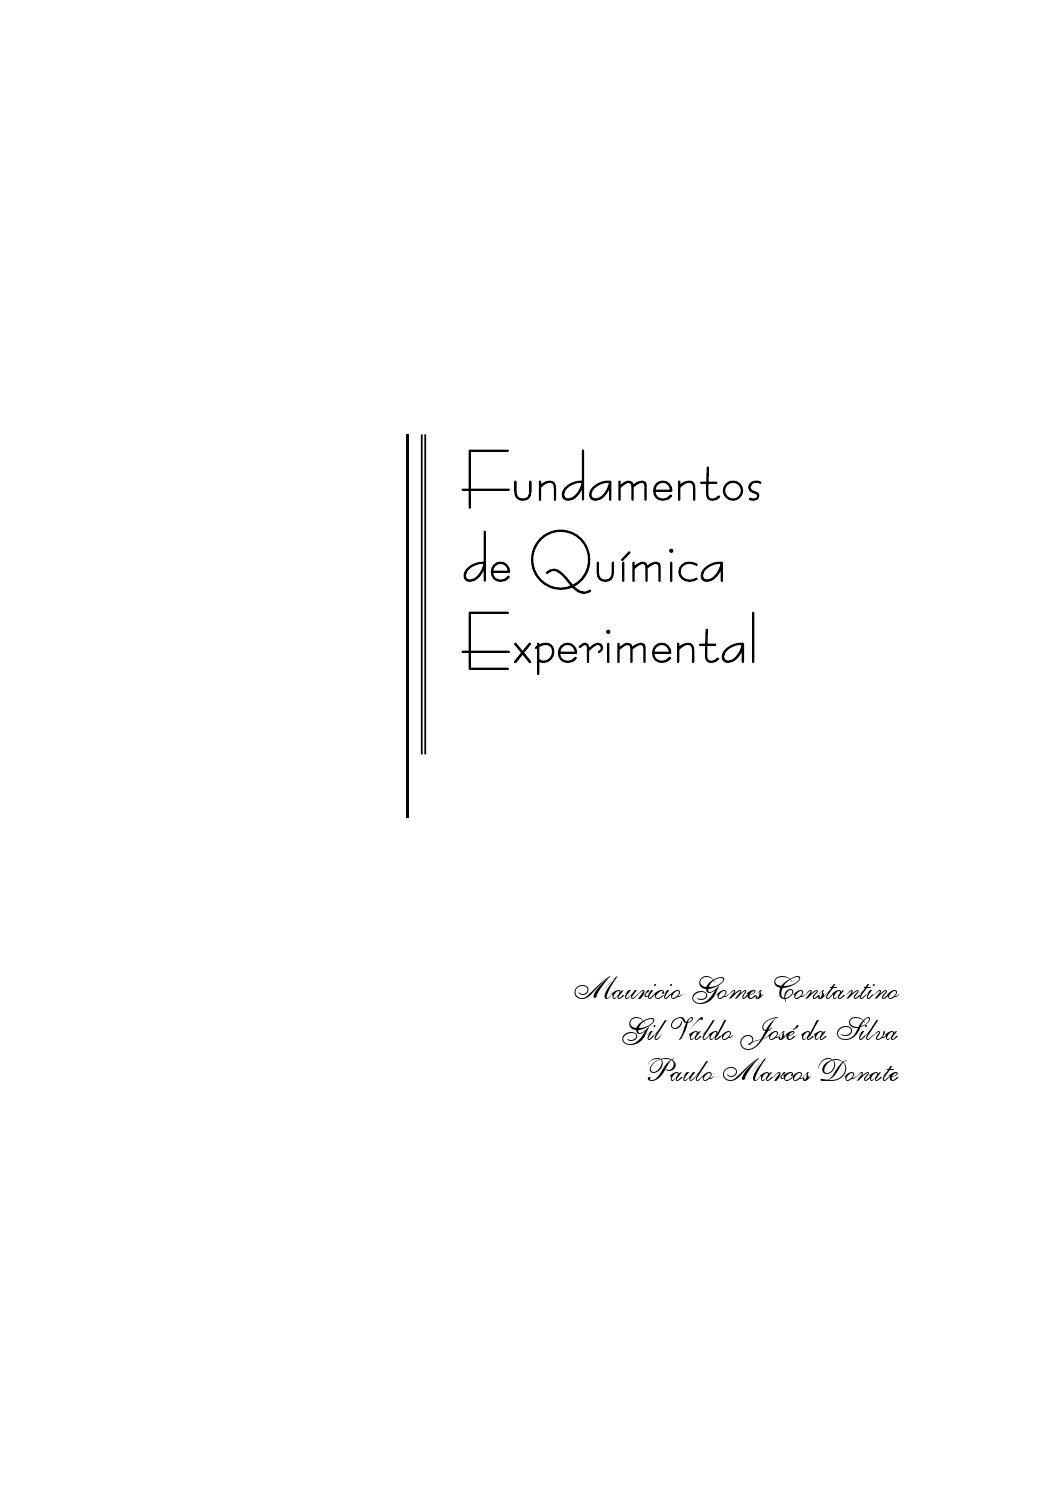 3a36a5b52 Fundamentos de quimica experimental by igor - issuu